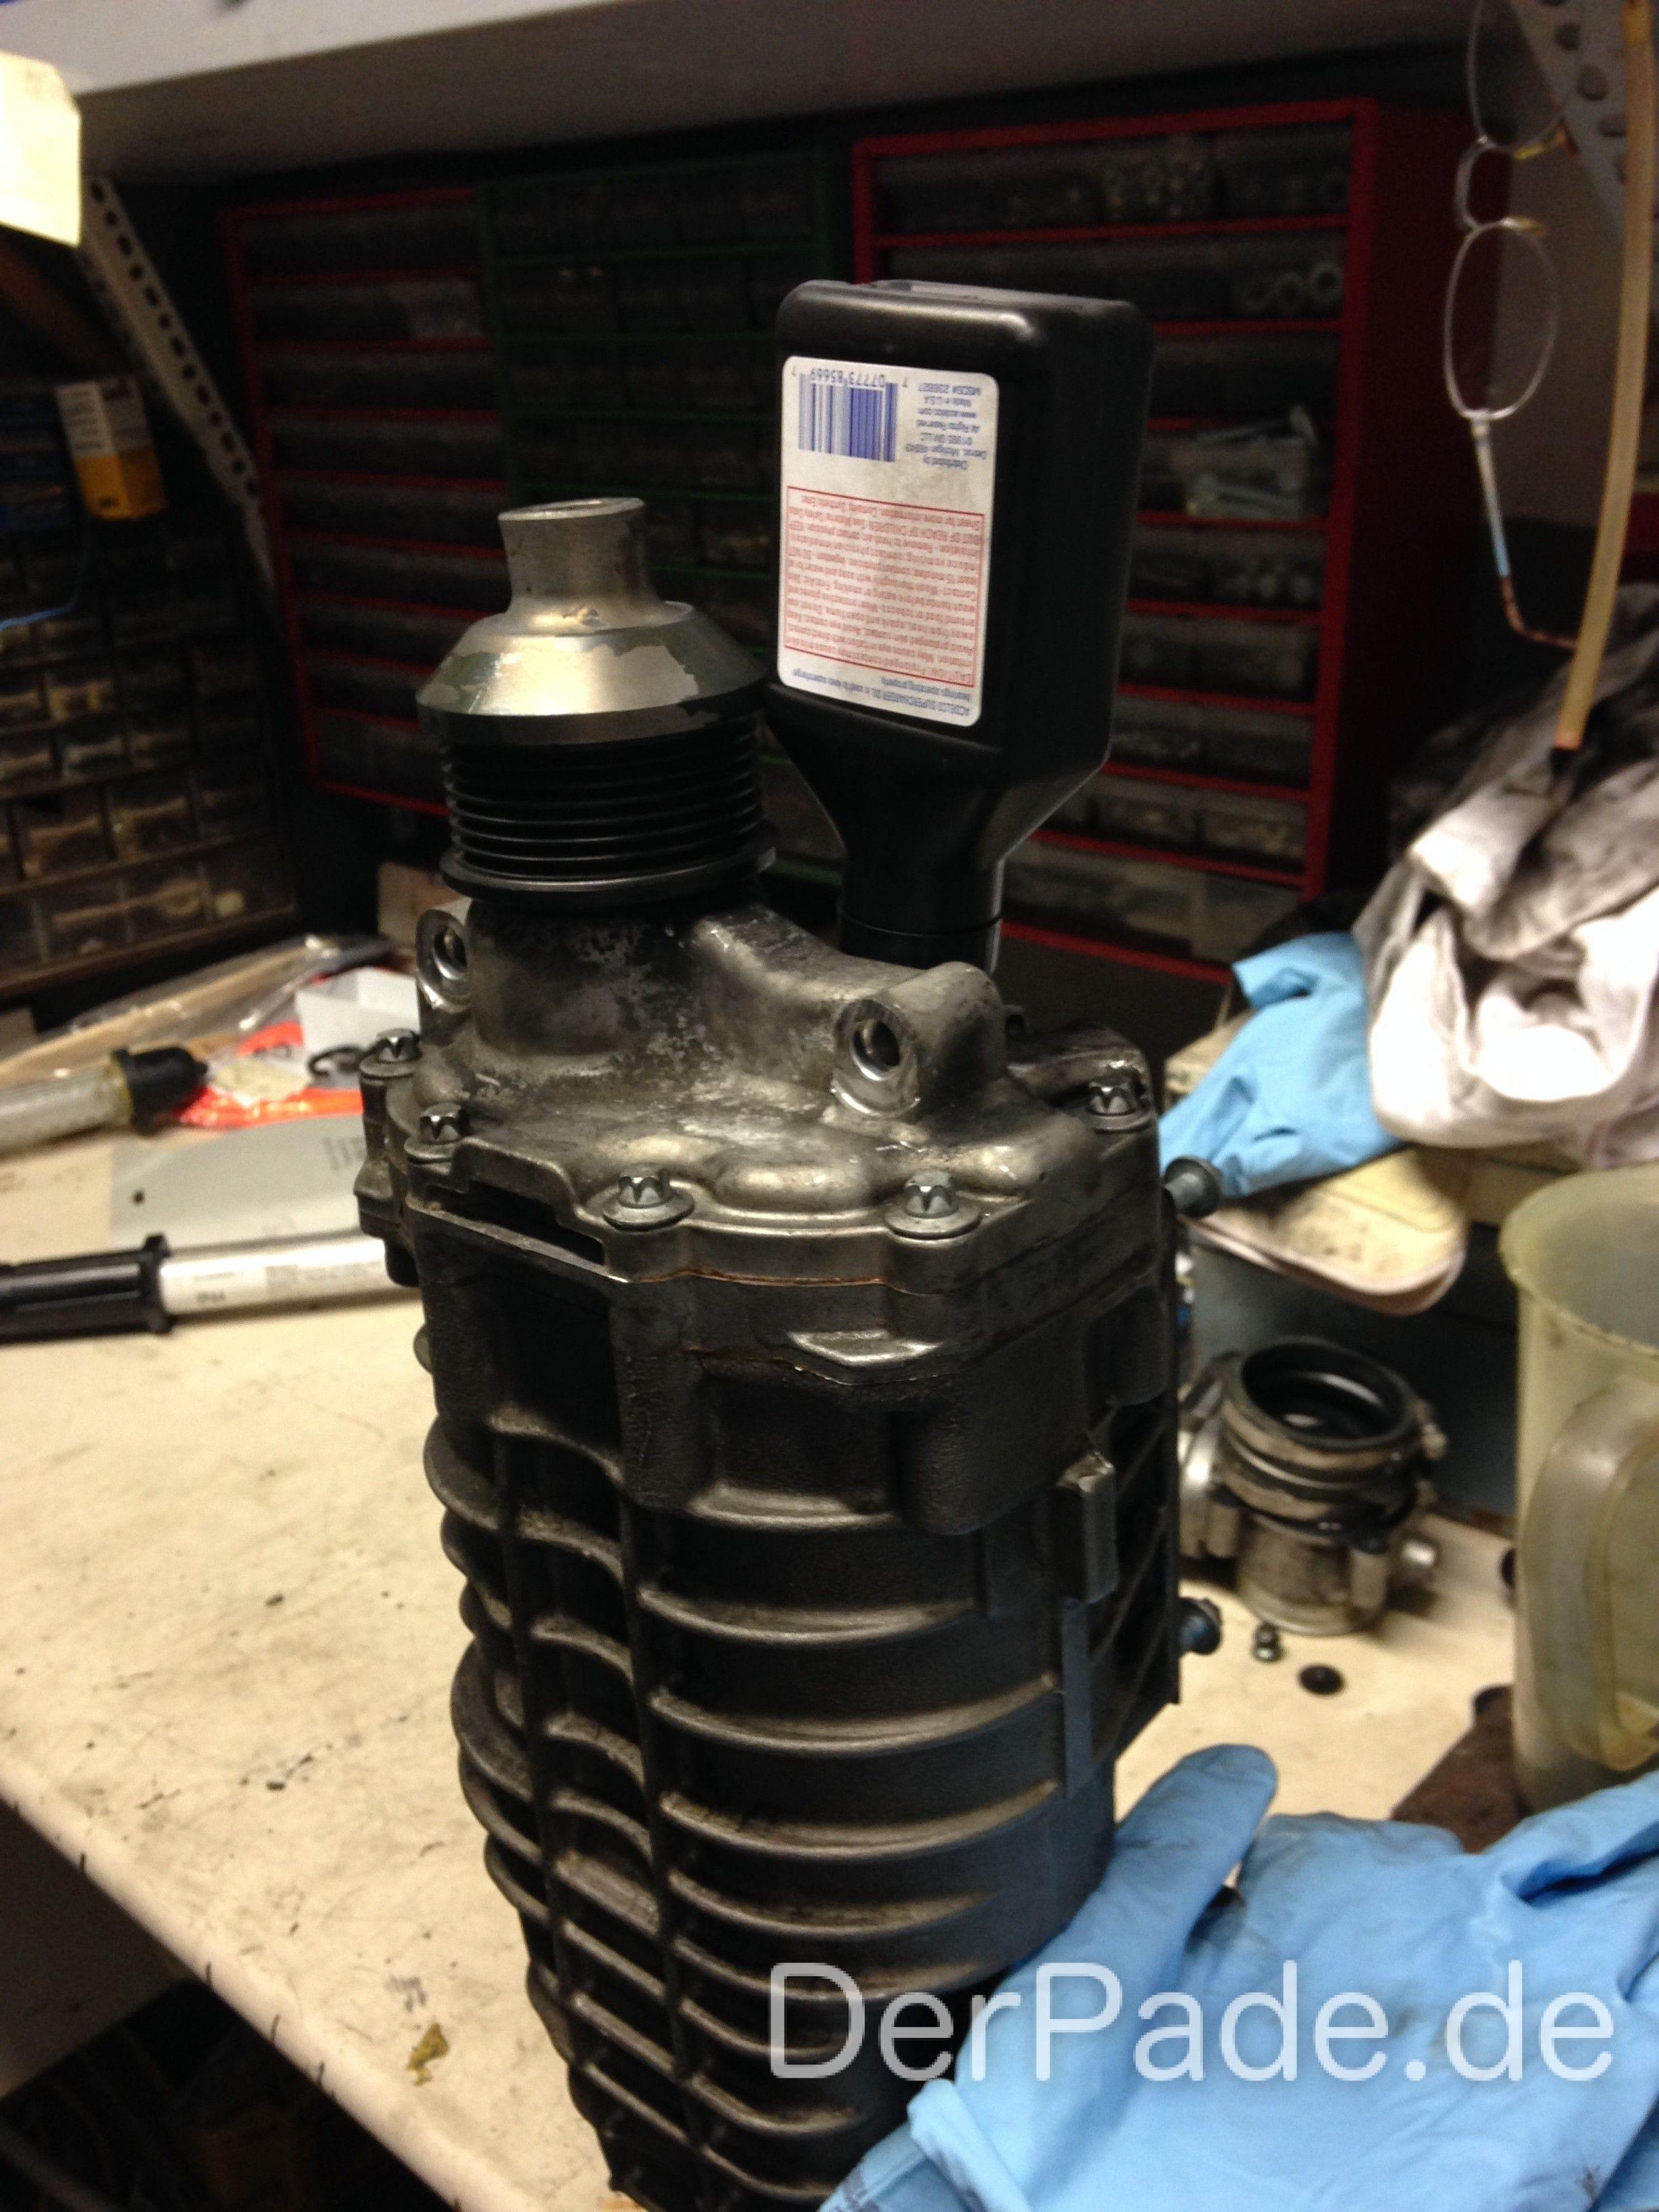 Anleitung: M271 Kompressor ausbauen, Ölwechsel und Laderradwechsel Der Pade image 4